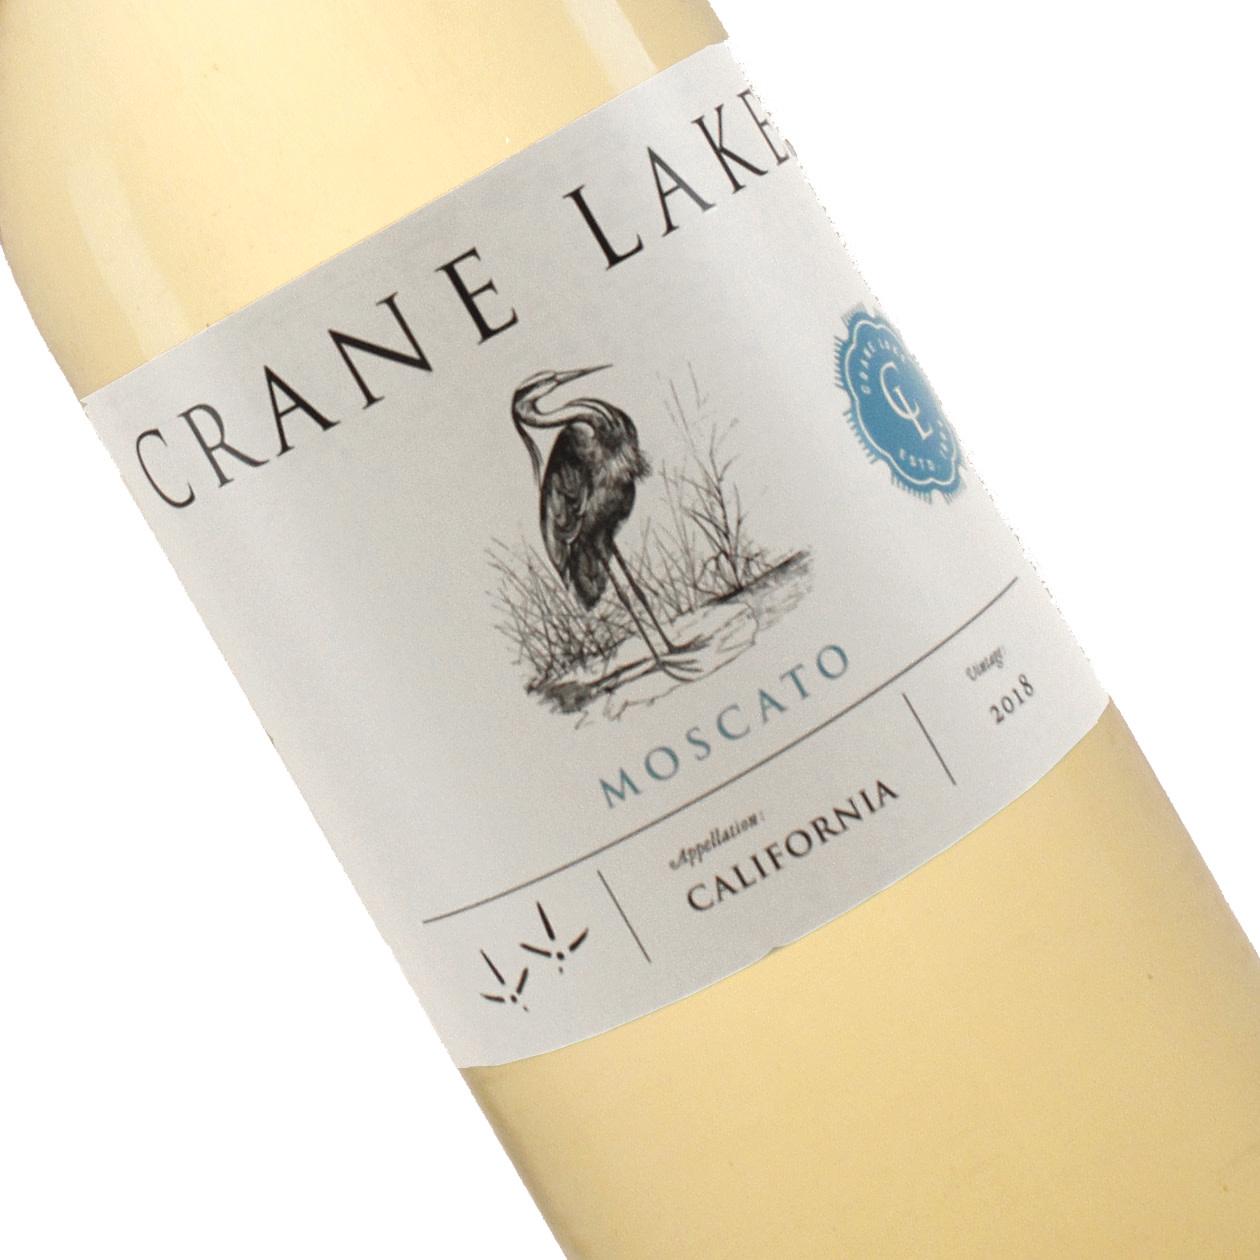 Crane Lake 2019 Moscato, California